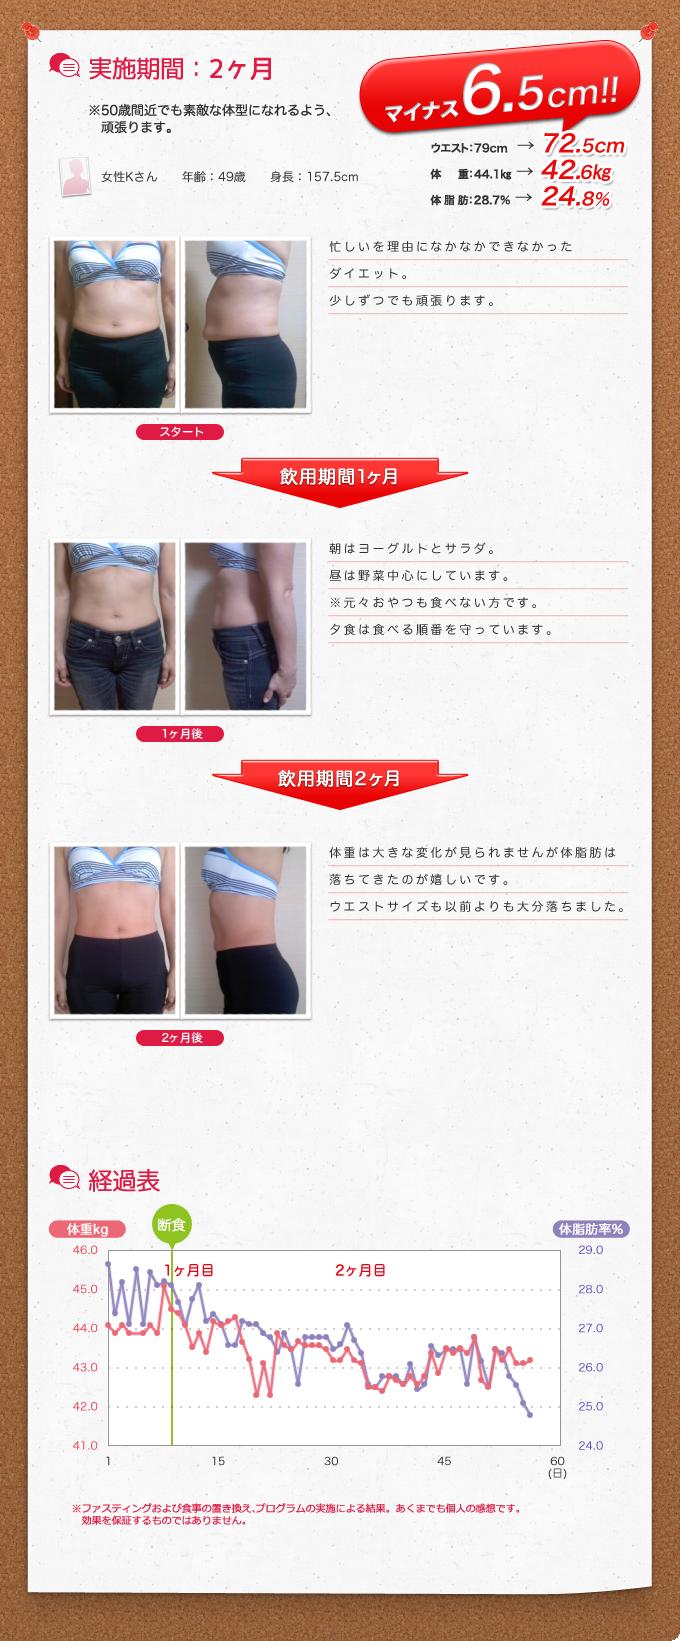 実施期間:2ヶ月 女性Kさん 49歳 身長157.5cm ウェスト:79cm→72.5cm!体重:44.1kg→42.6kg!体脂肪:28.7%→24.8&!(ファスティングおよび食事の置き換え、プログラムの実施による結果。あくまで個人の感想です。効果を保証するものではありません)